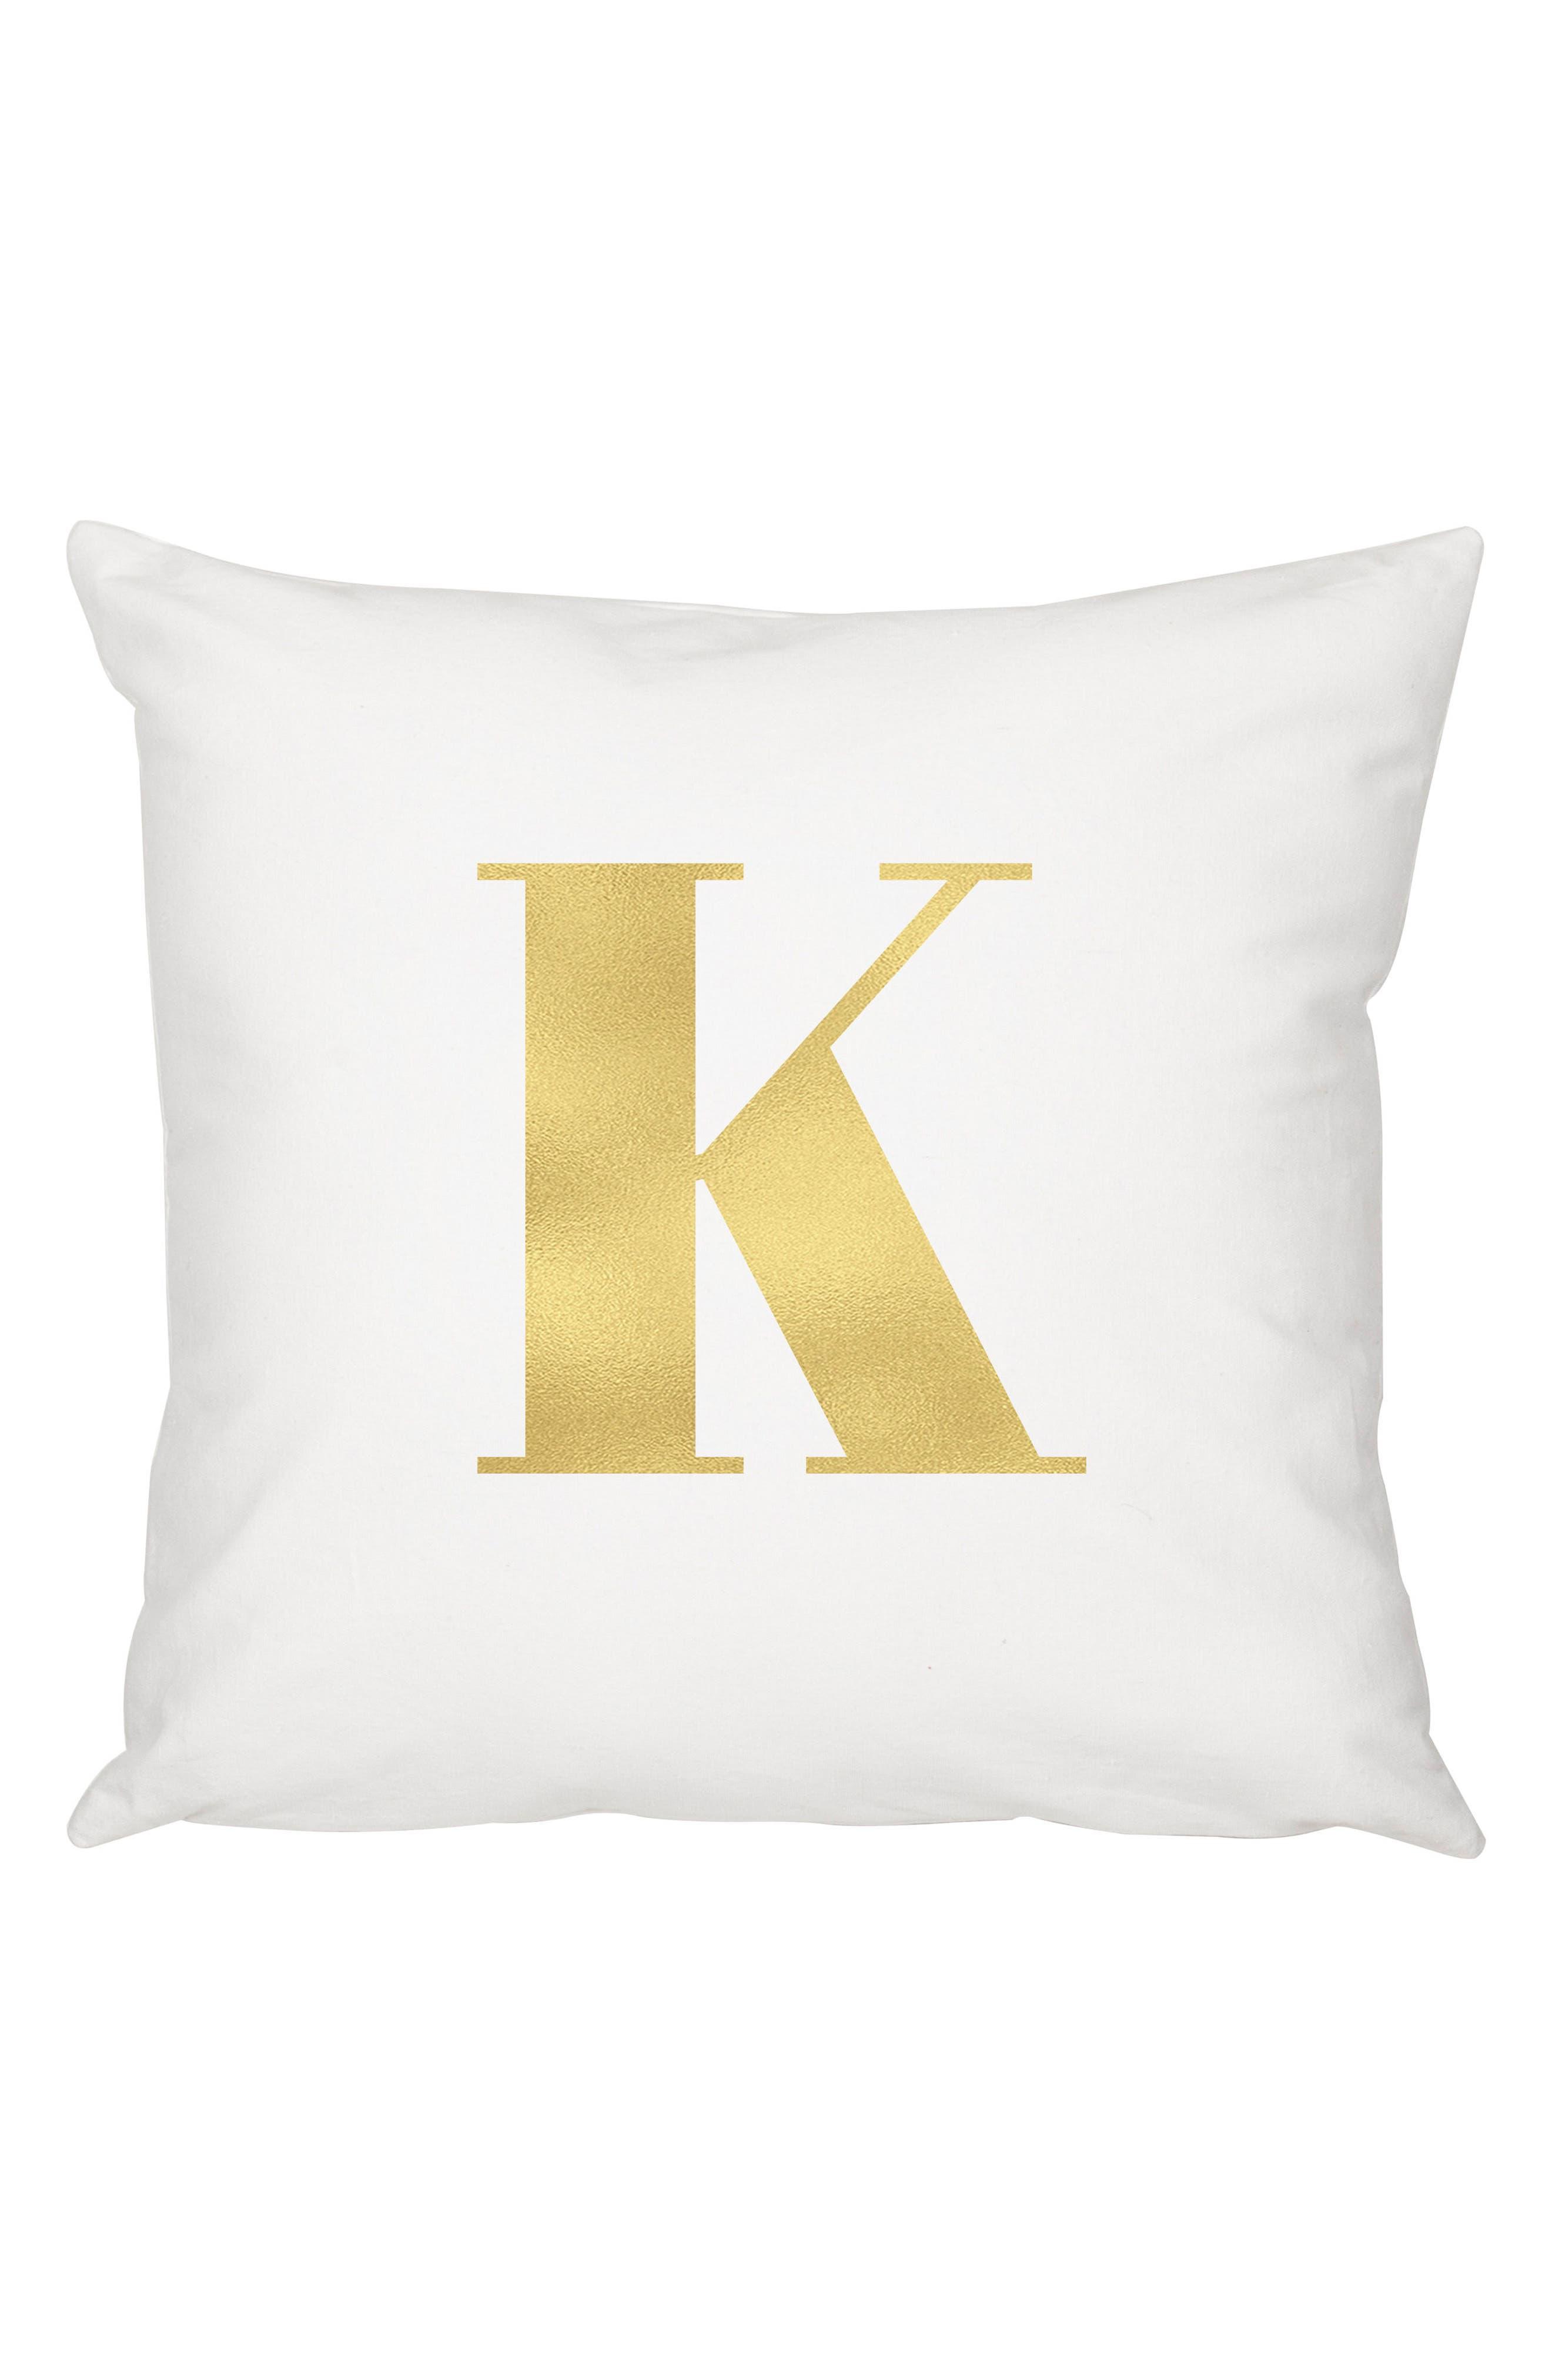 Monogram Accent Pillow,                         Main,                         color, 700